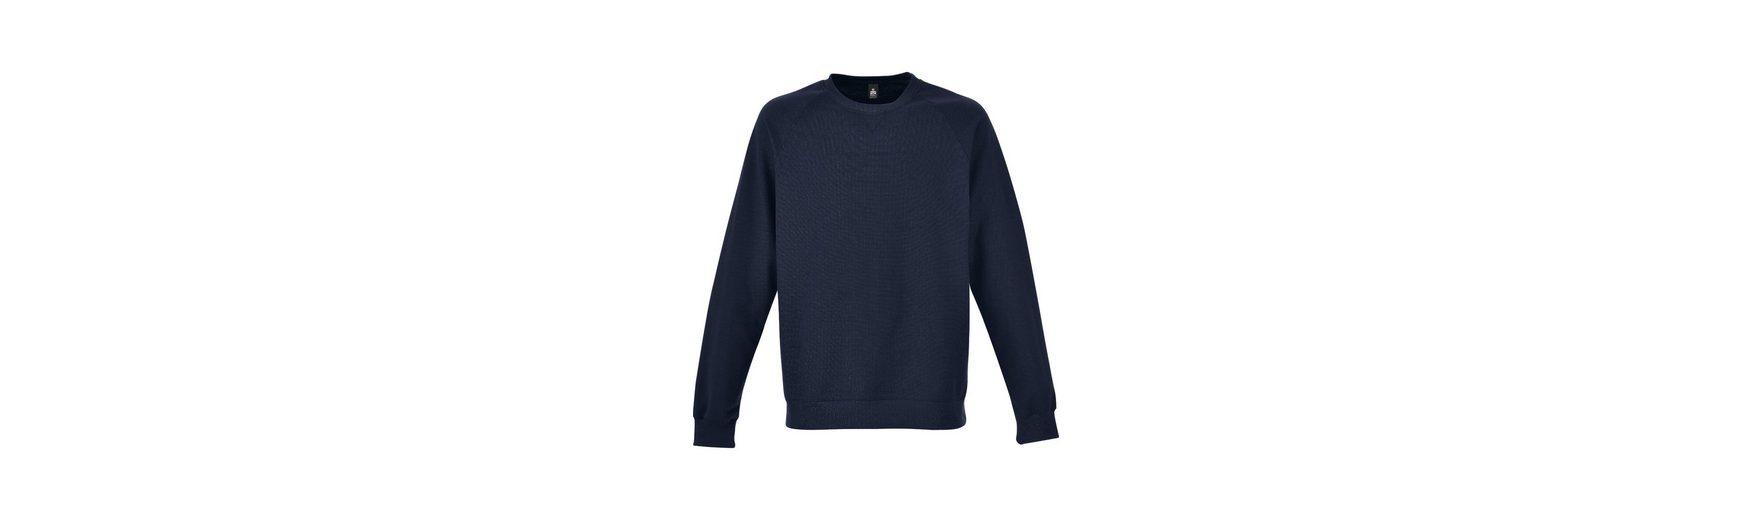 mit angerauter TRIGEMA Sweatshirt mit TRIGEMA Sweatshirt Innenseite aTI0w